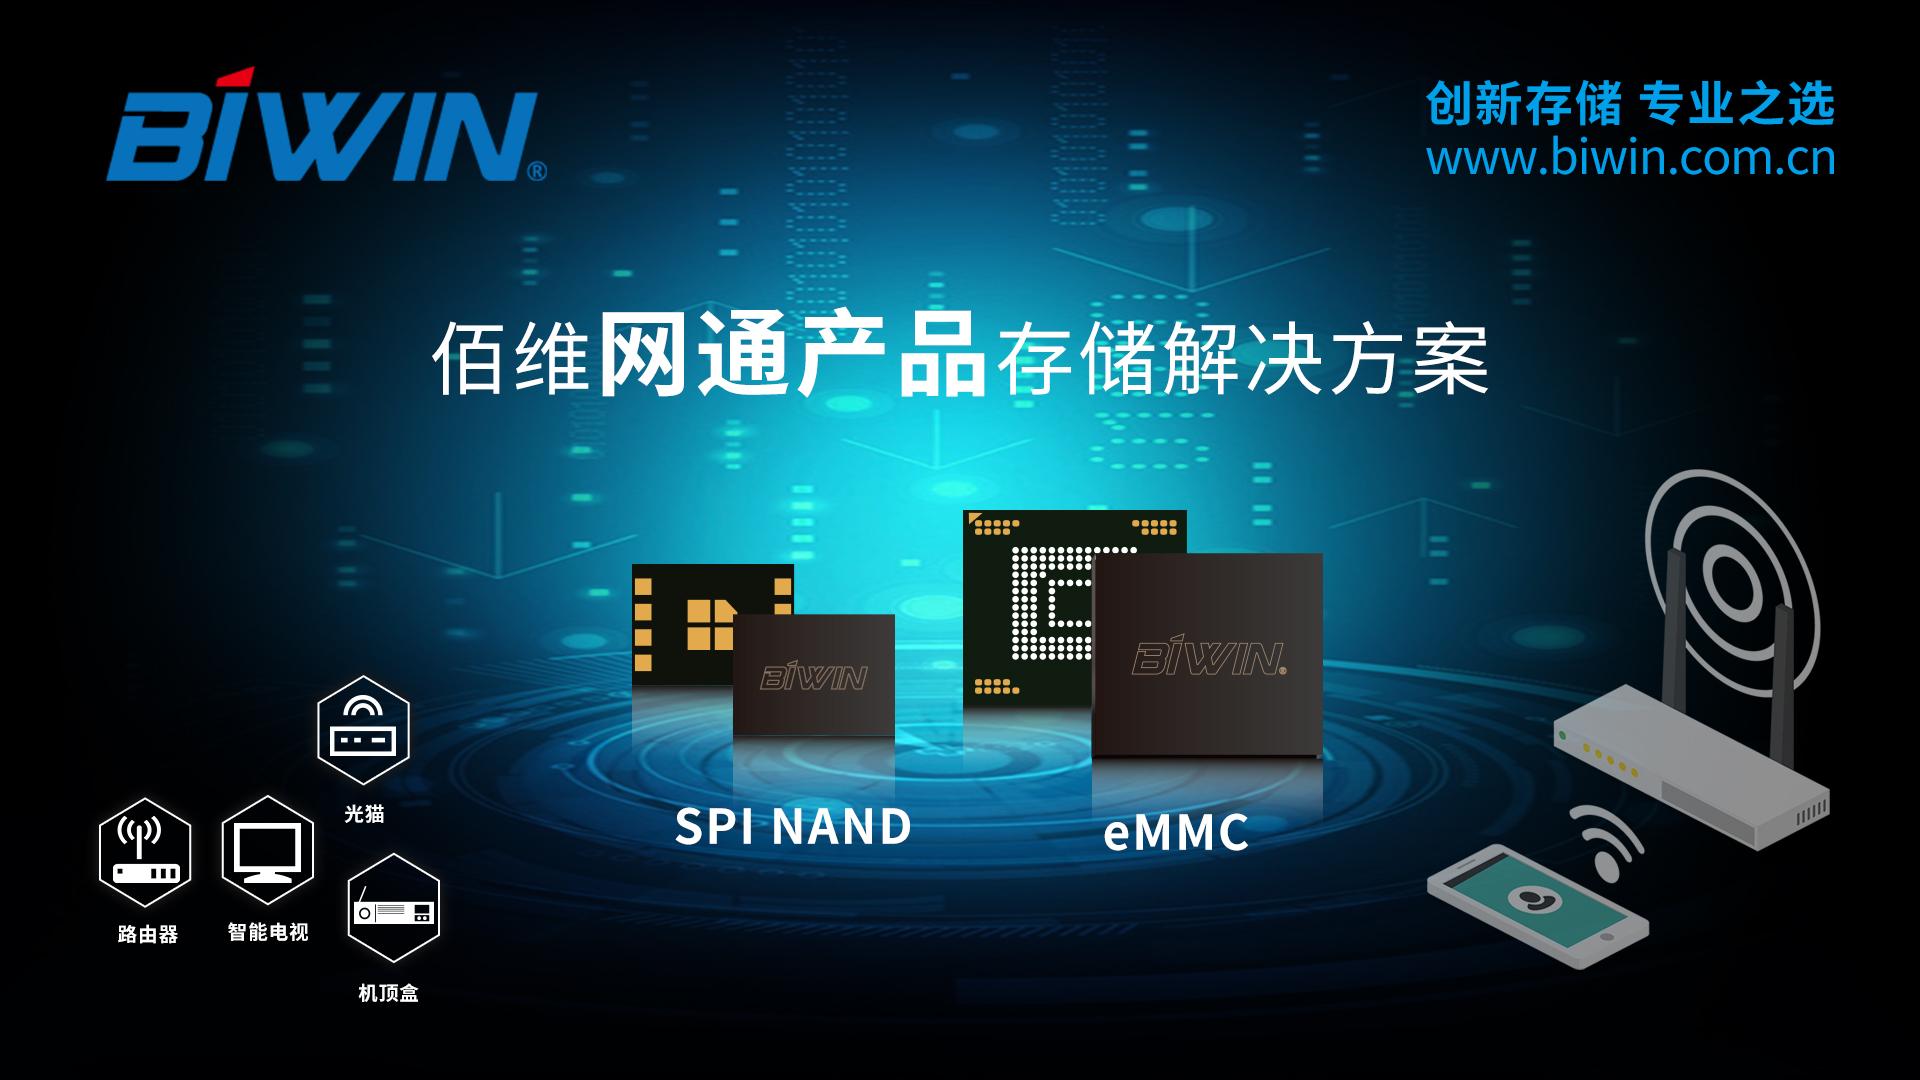 布局网通存储芯片 佰维为三大运营商提供优质产品与服务